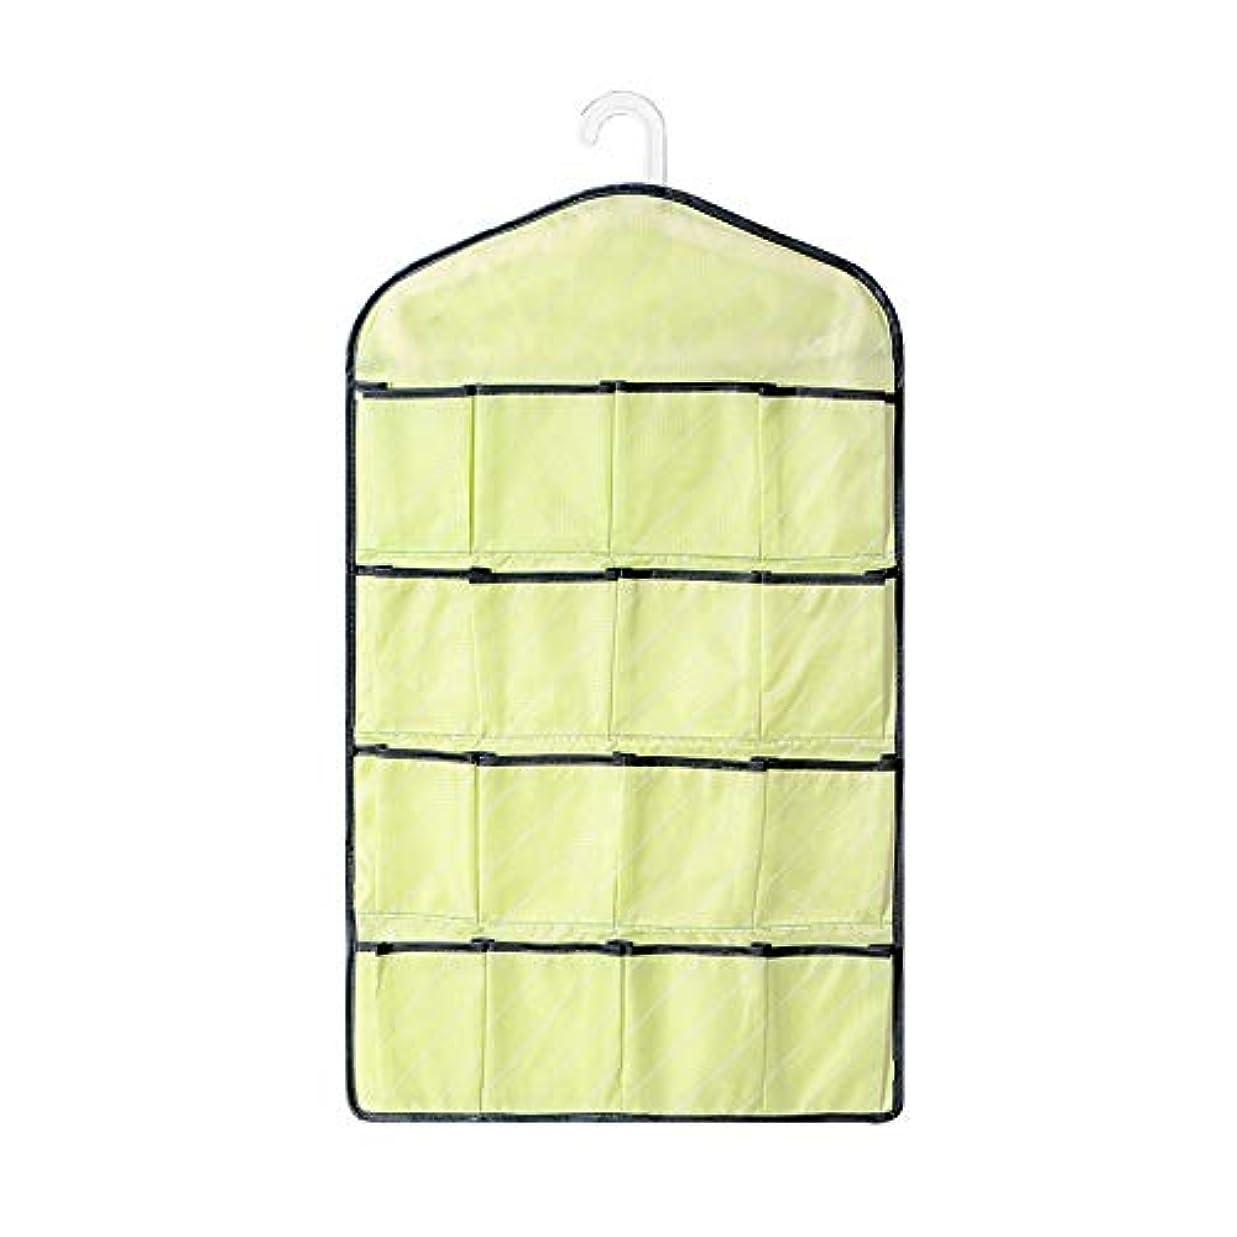 粘液くるみノイズ2パック収納オーガナイザー、16ポケットぶら下げクローゼットワードローブ収納ブラジャー下着ソックスネクタイオーガナイザー,Pink